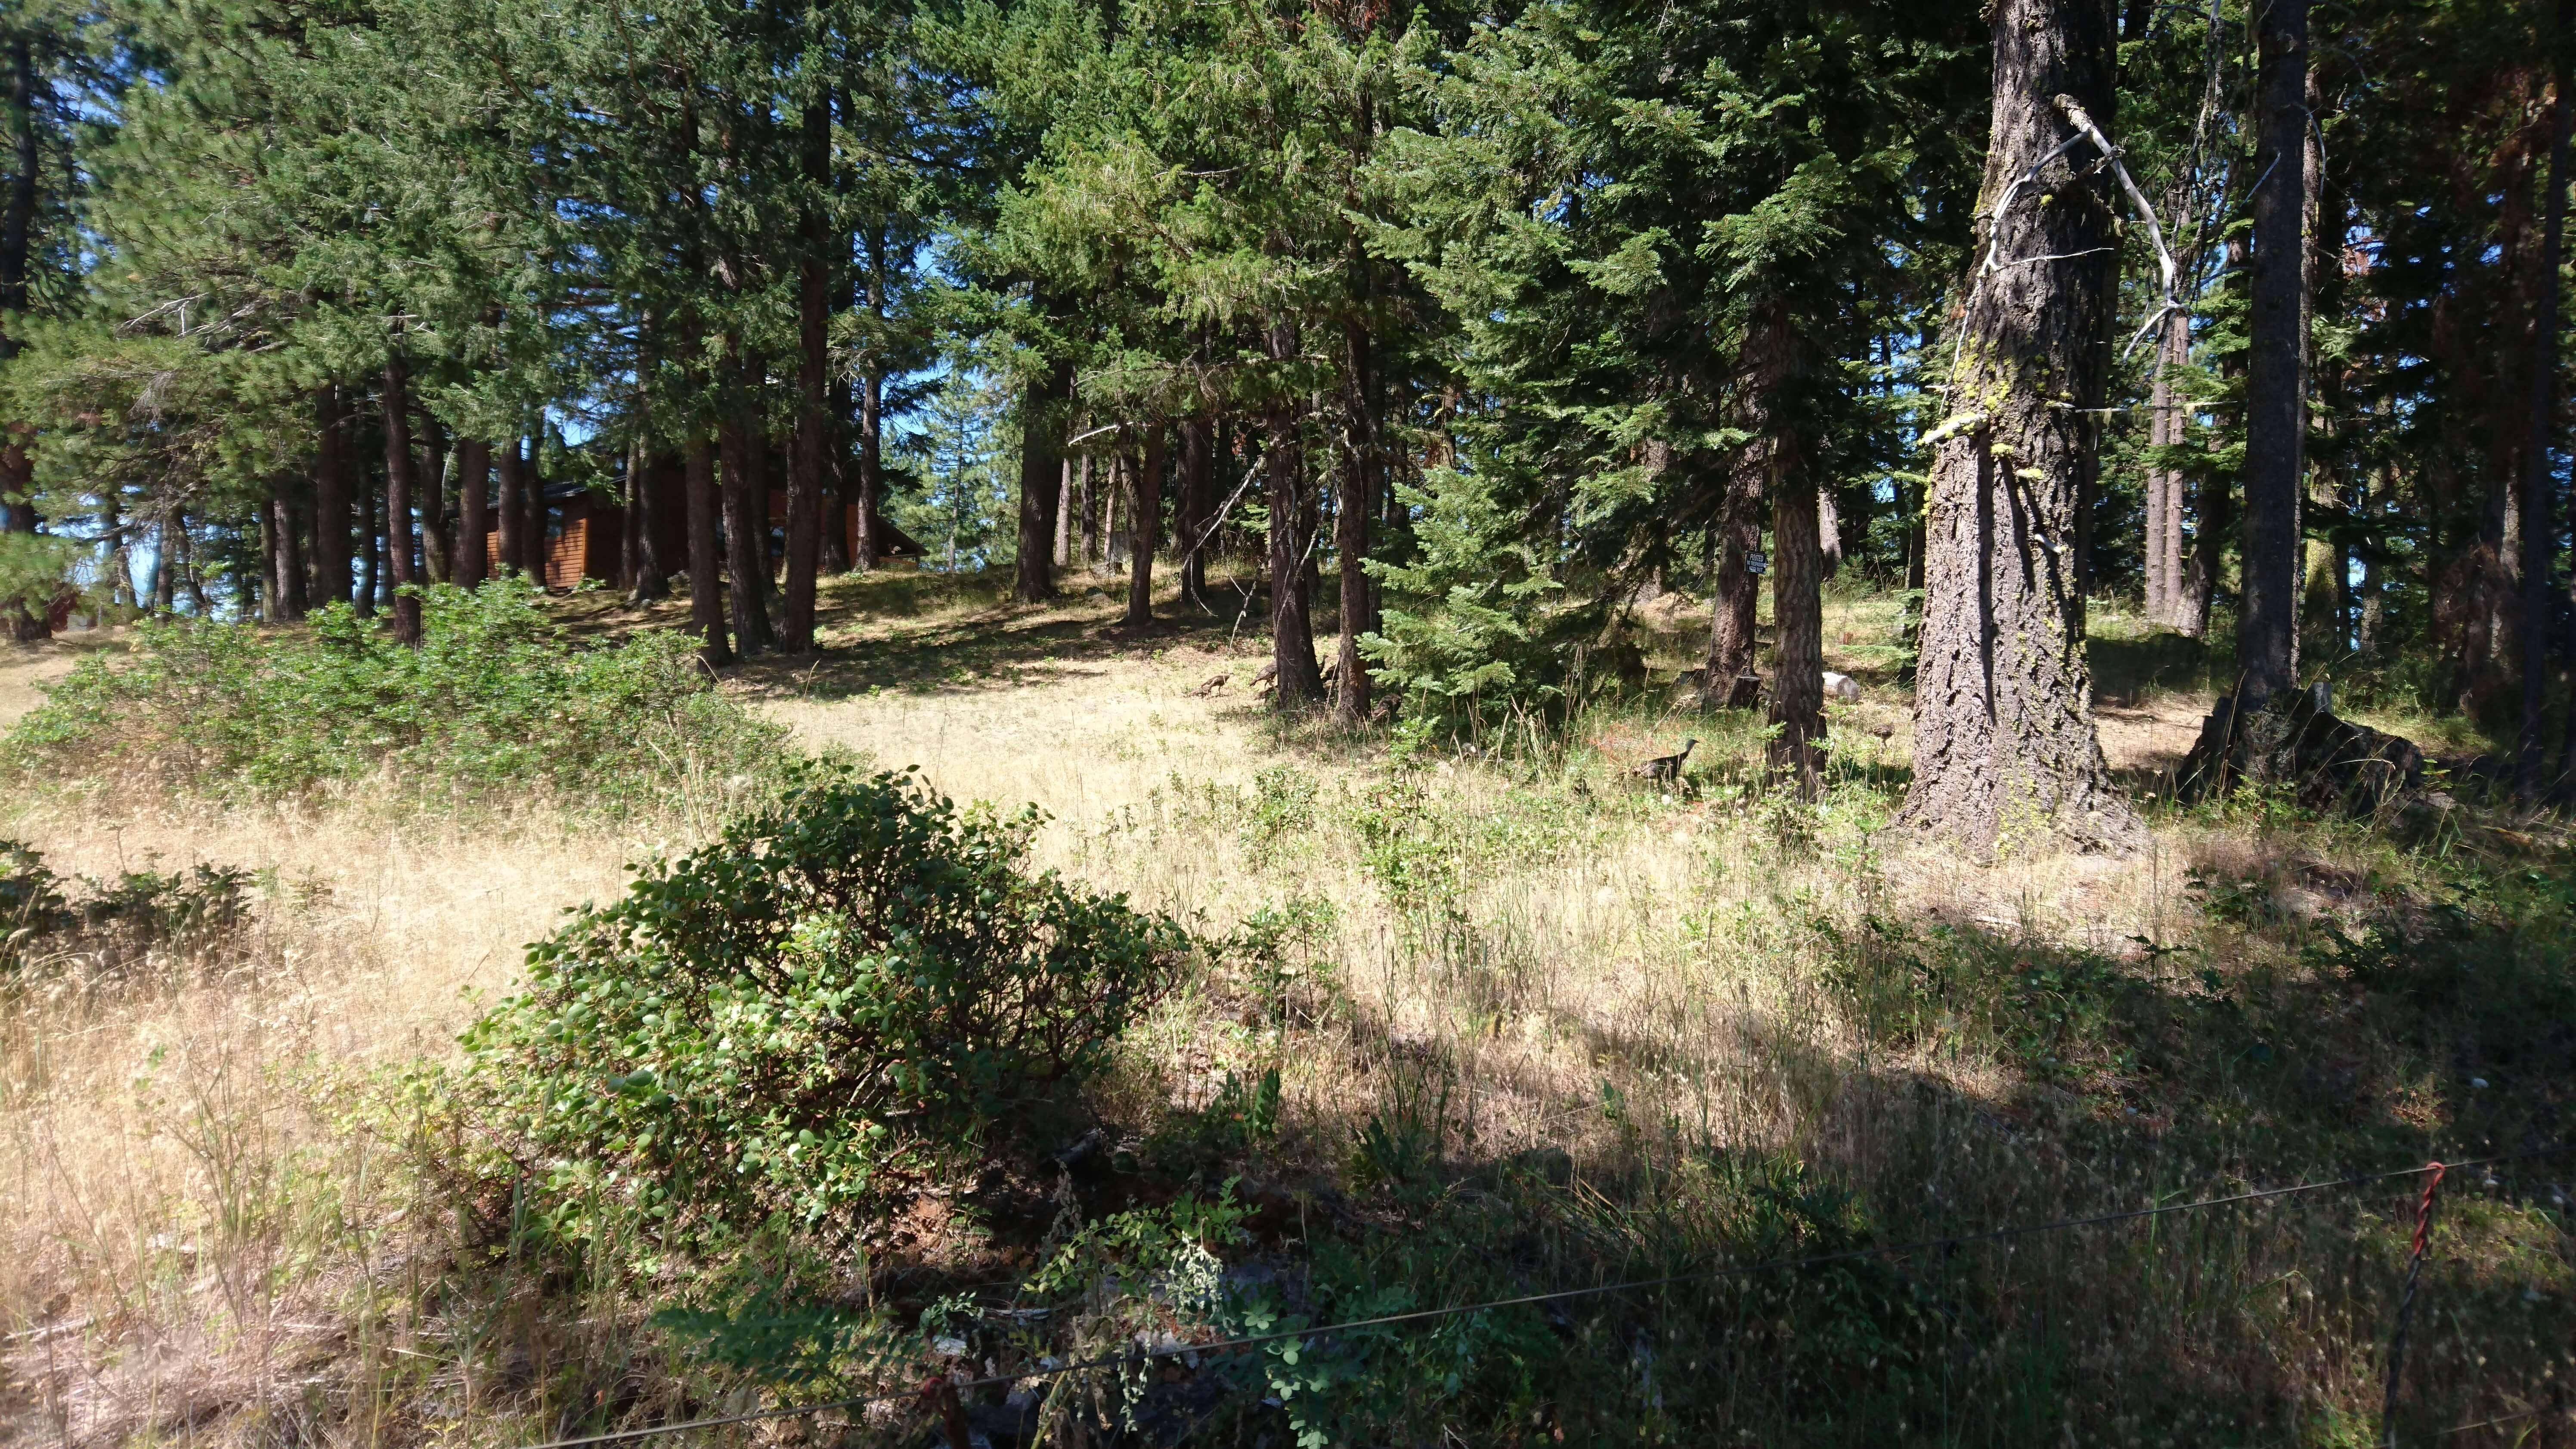 La forêt n'est pas très dense ici, et l'air est très chaud